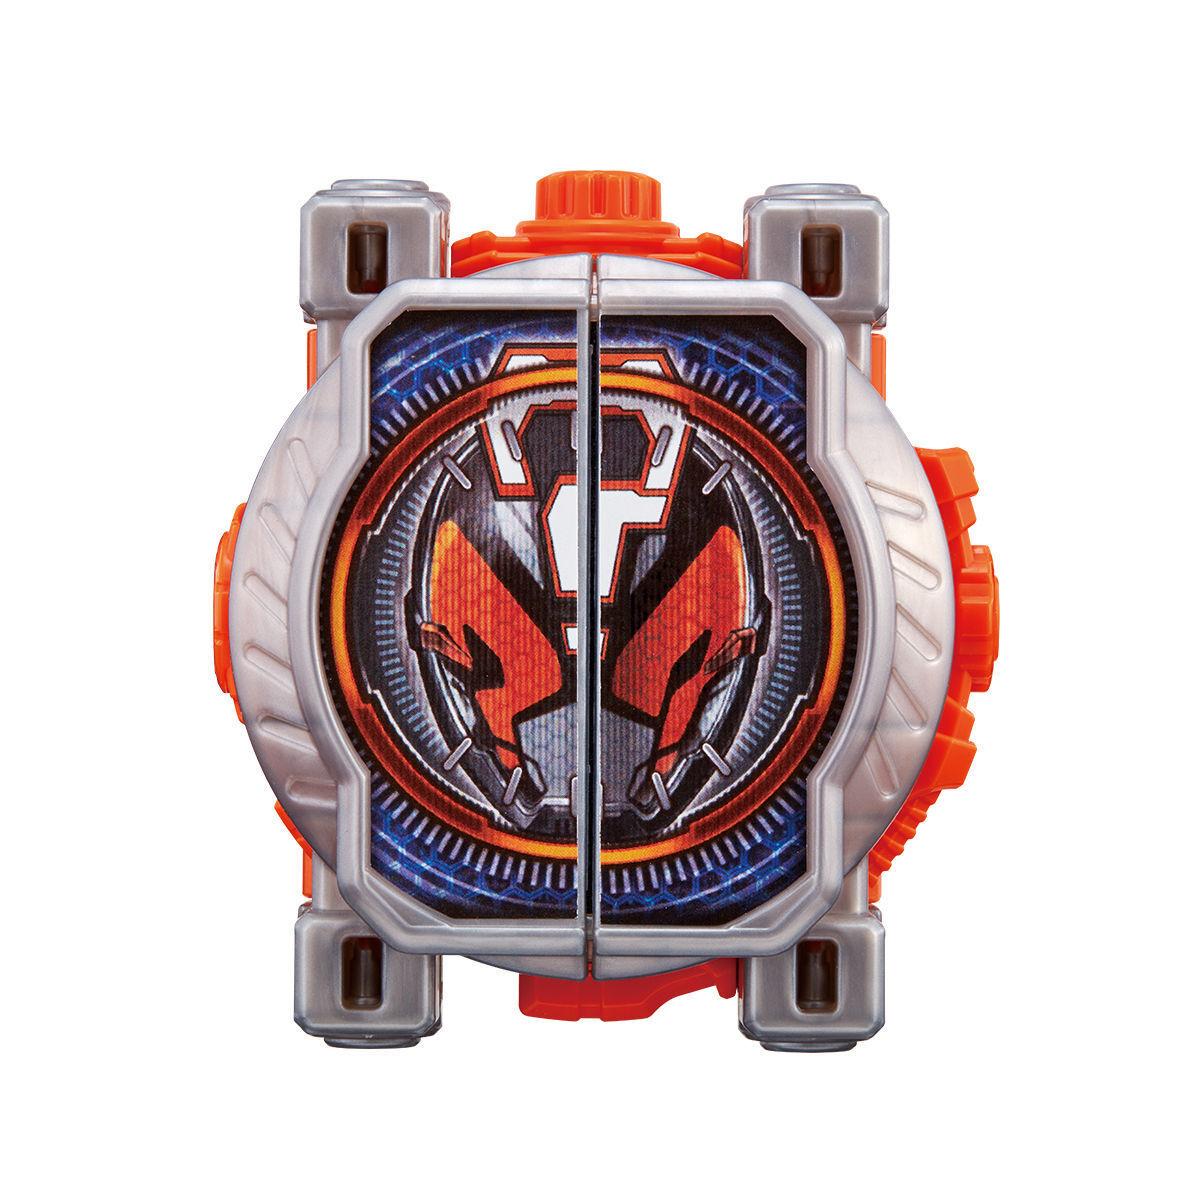 Pre Kamen Rider ZI-O ZI-O ZI-O DX Quiz miride Milide Ride watch from Japan F S 961b08